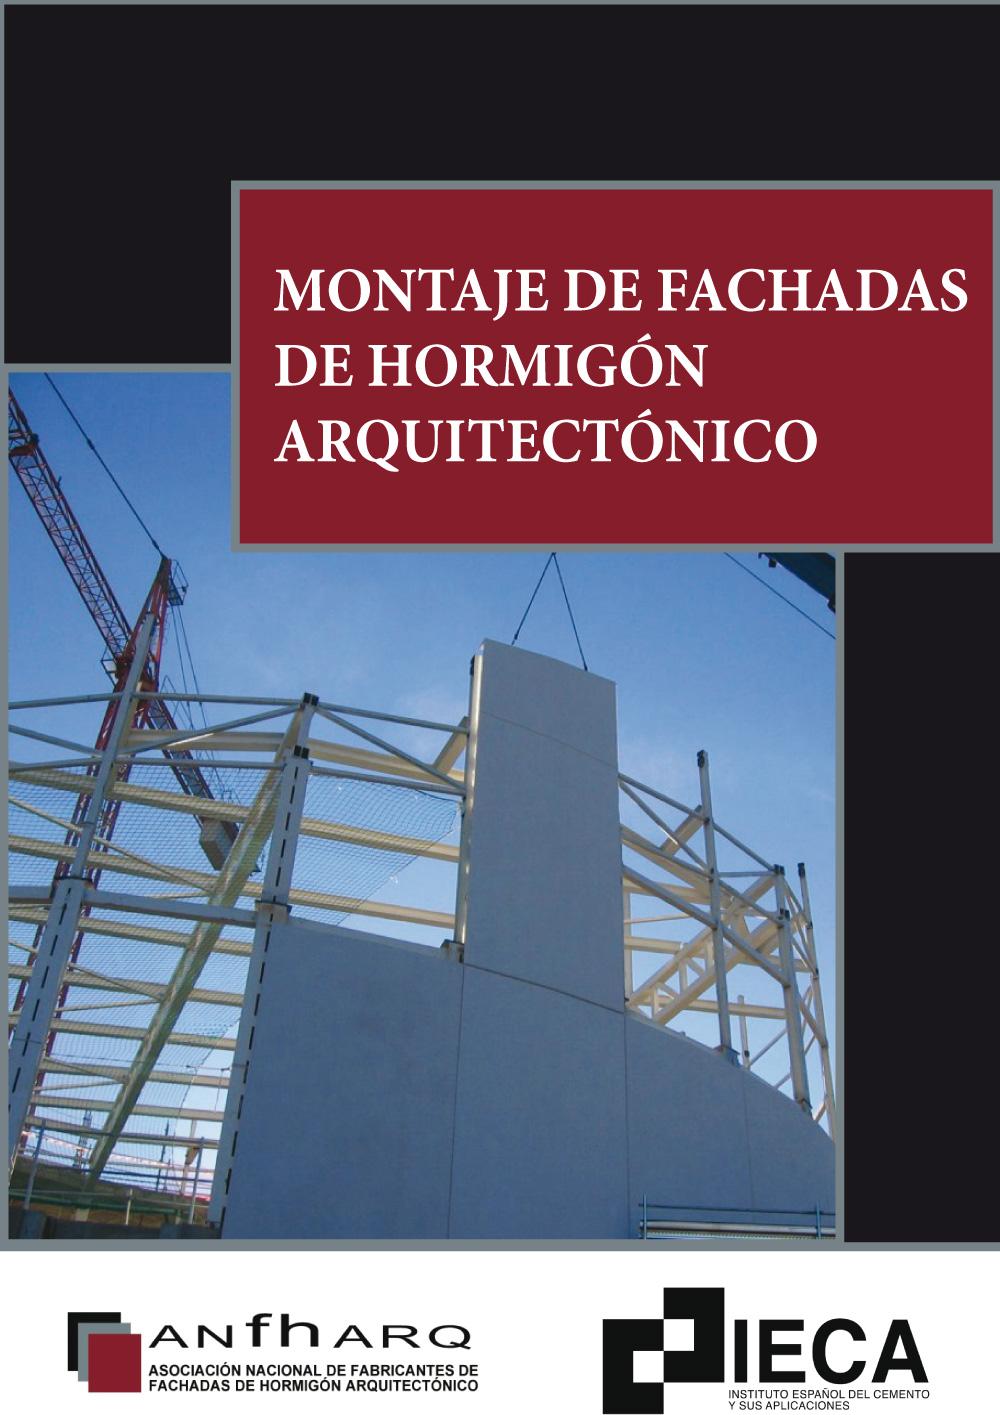 Montaje De Fachadas De Hormig N Arquitect Nico Ieca